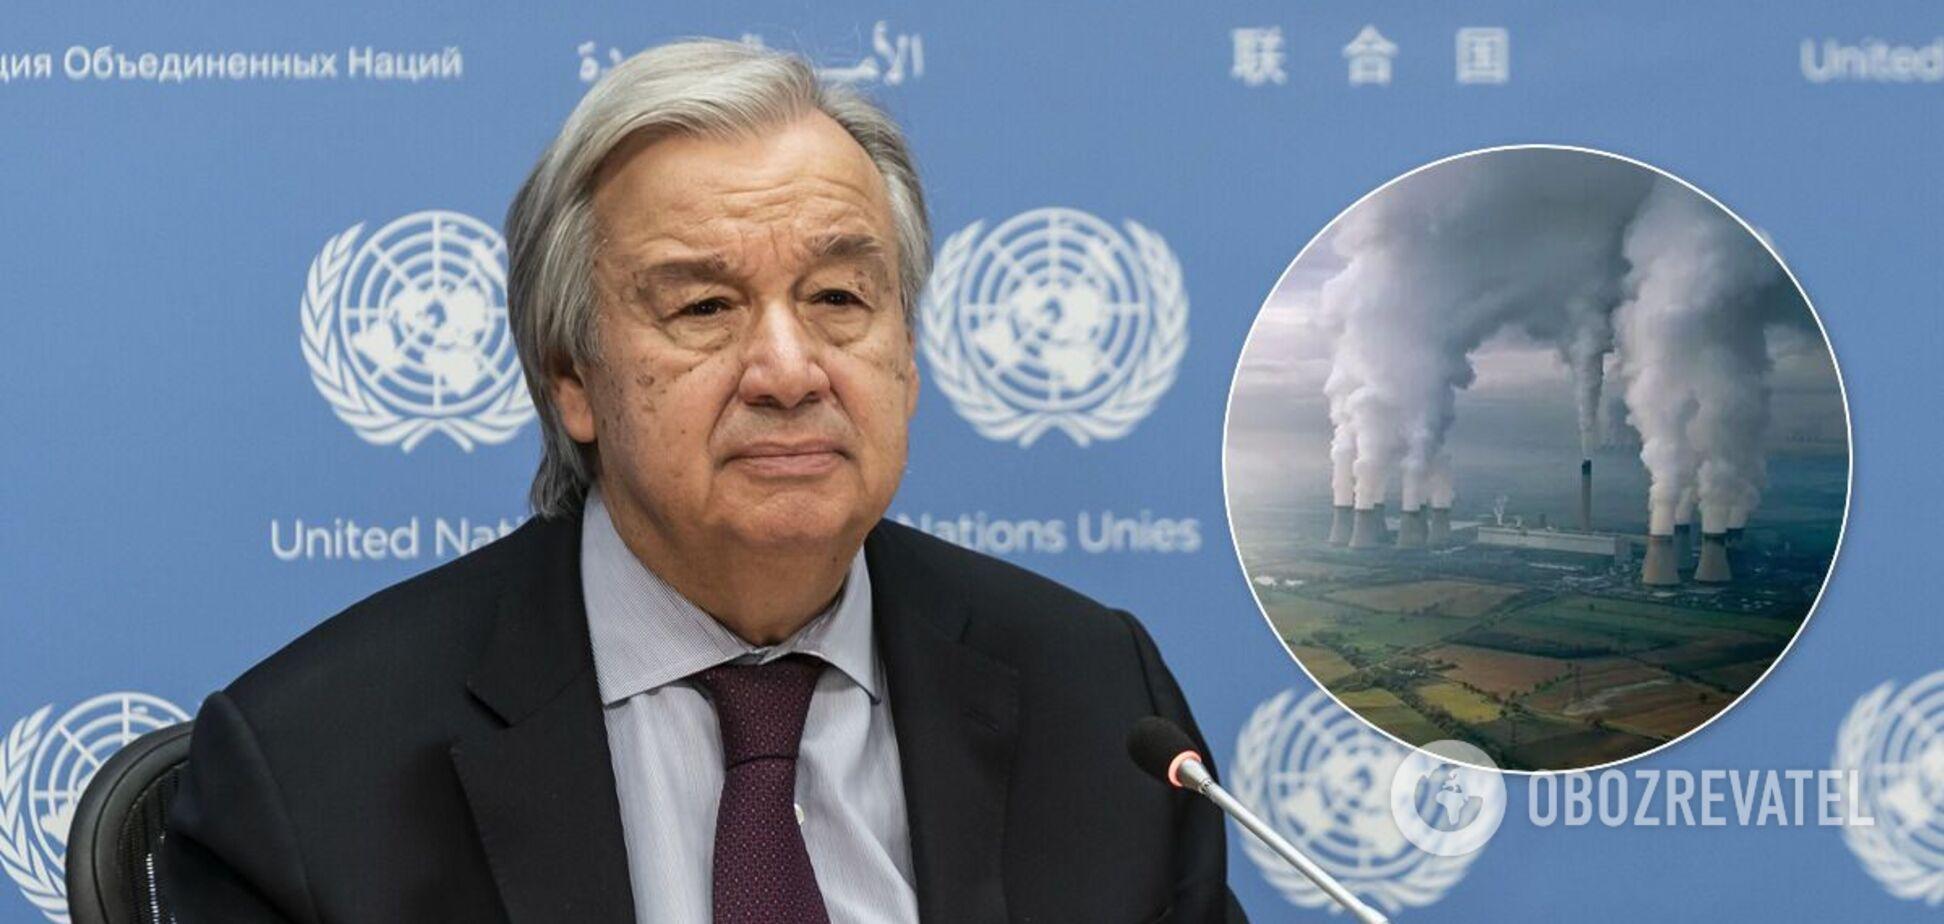 Гутерреш призывает мир к глобальному чрезвычайному положению